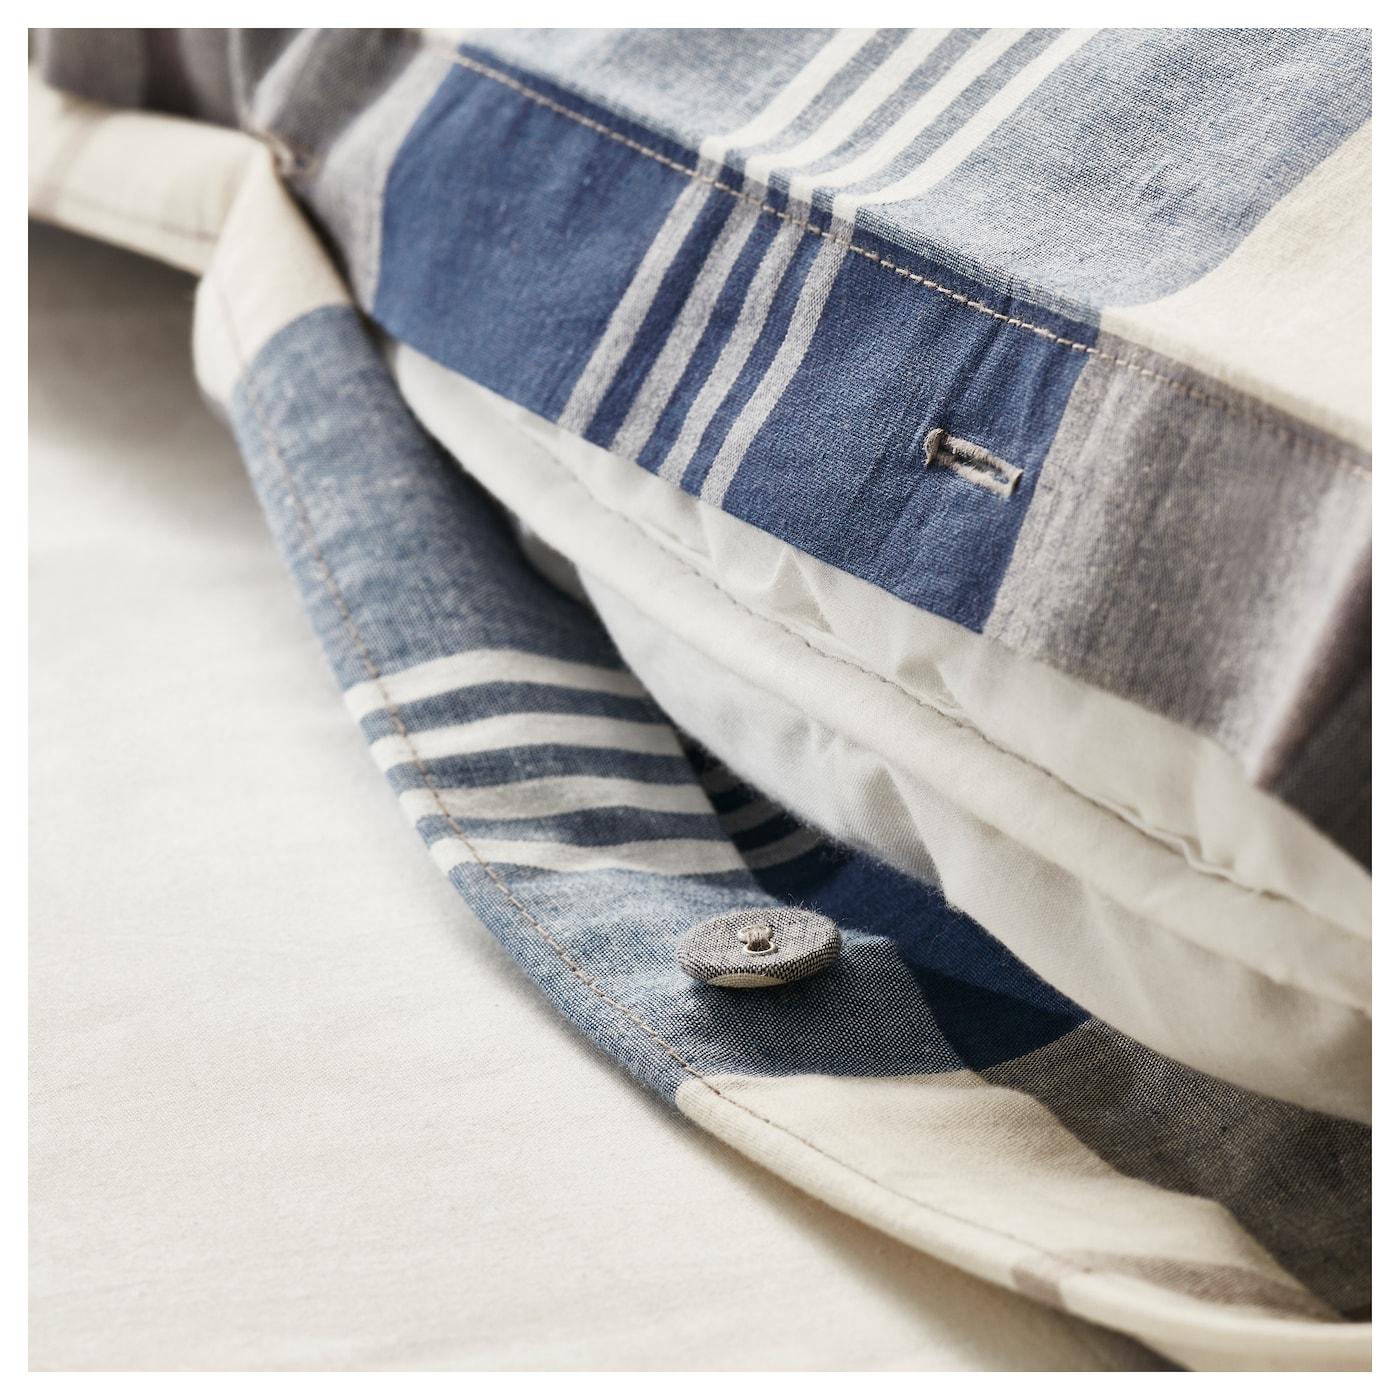 KUSTRUTA-2 Комплект постельного белья, синий отмечен, 150x200/50x60 см